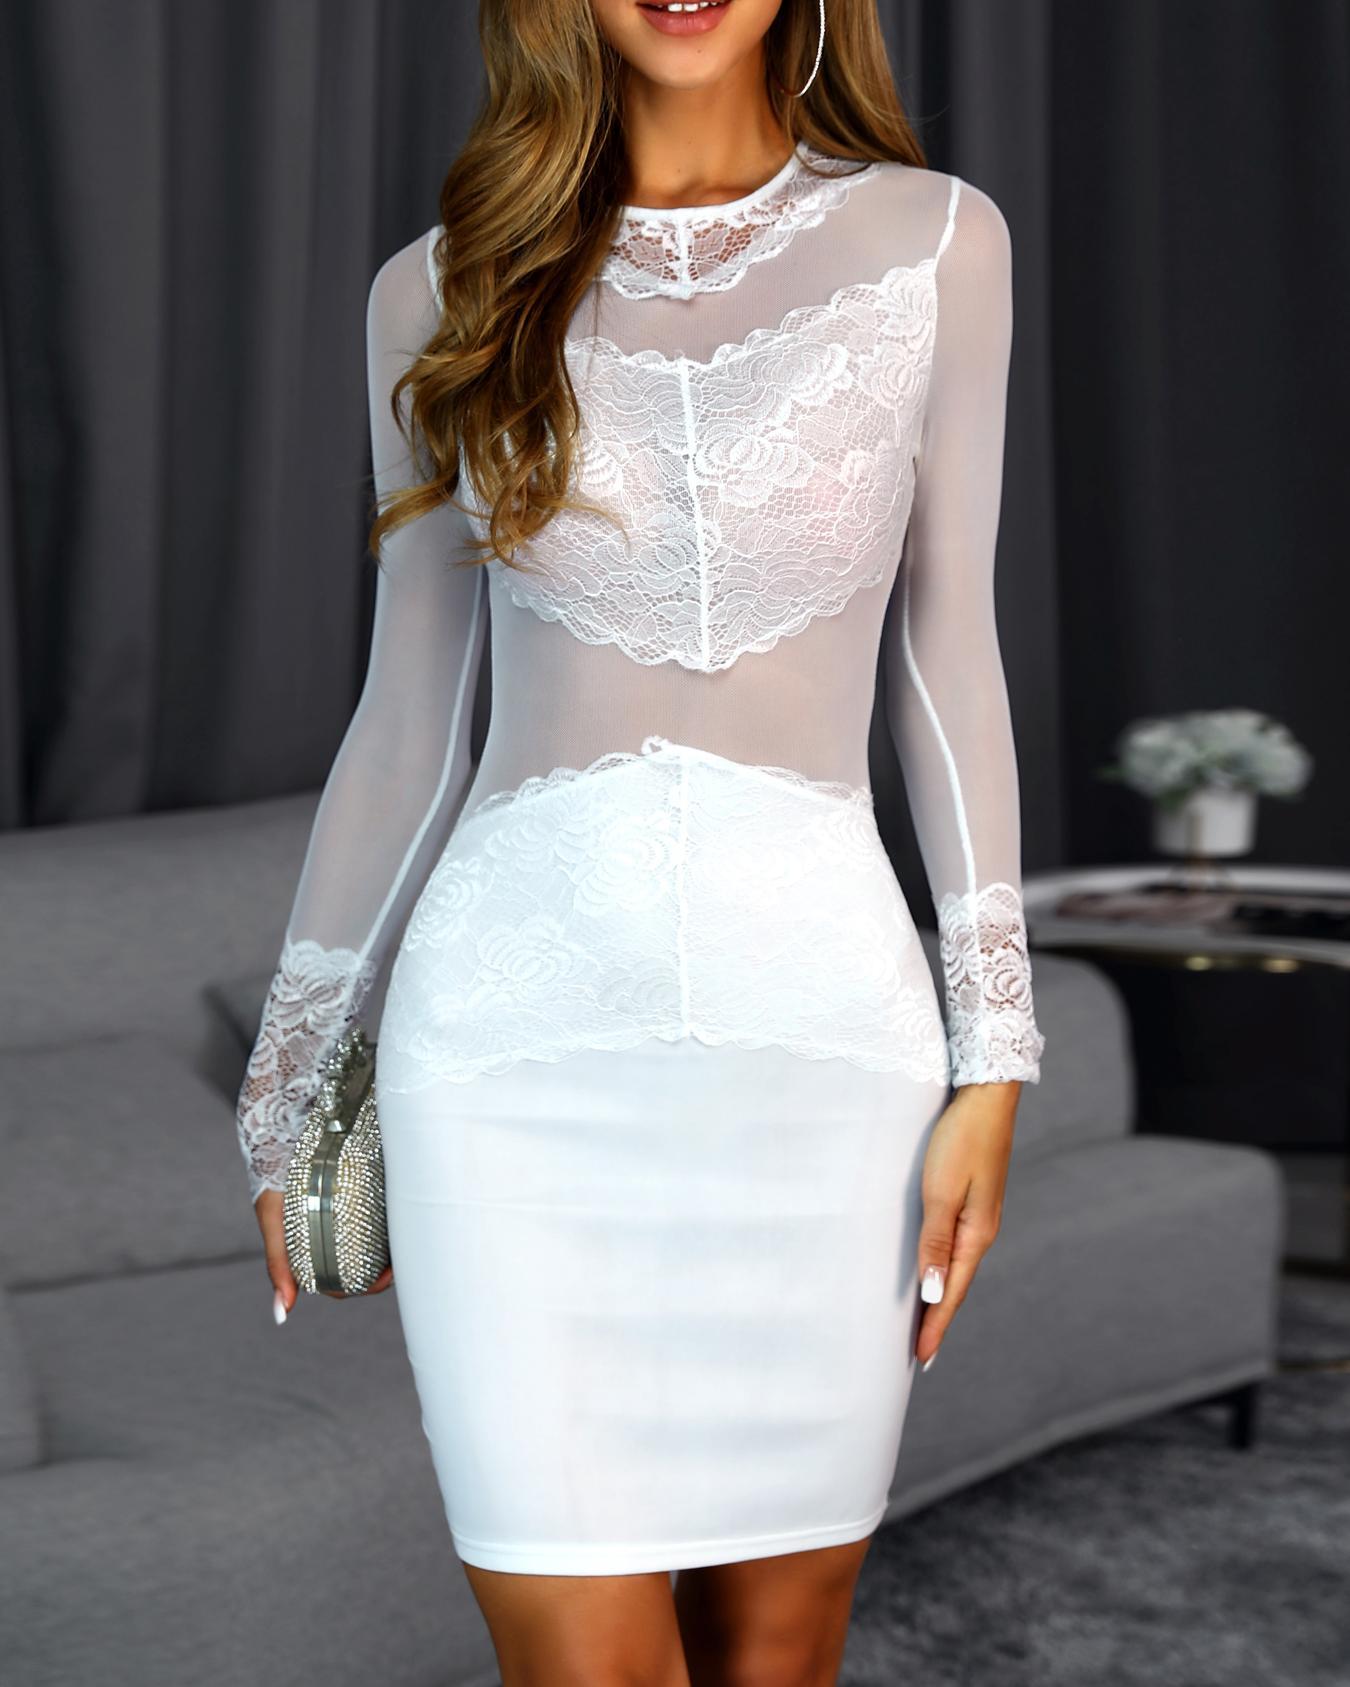 boutiquefeel / Vestido ajustado con aplicación de encaje de malla transparente